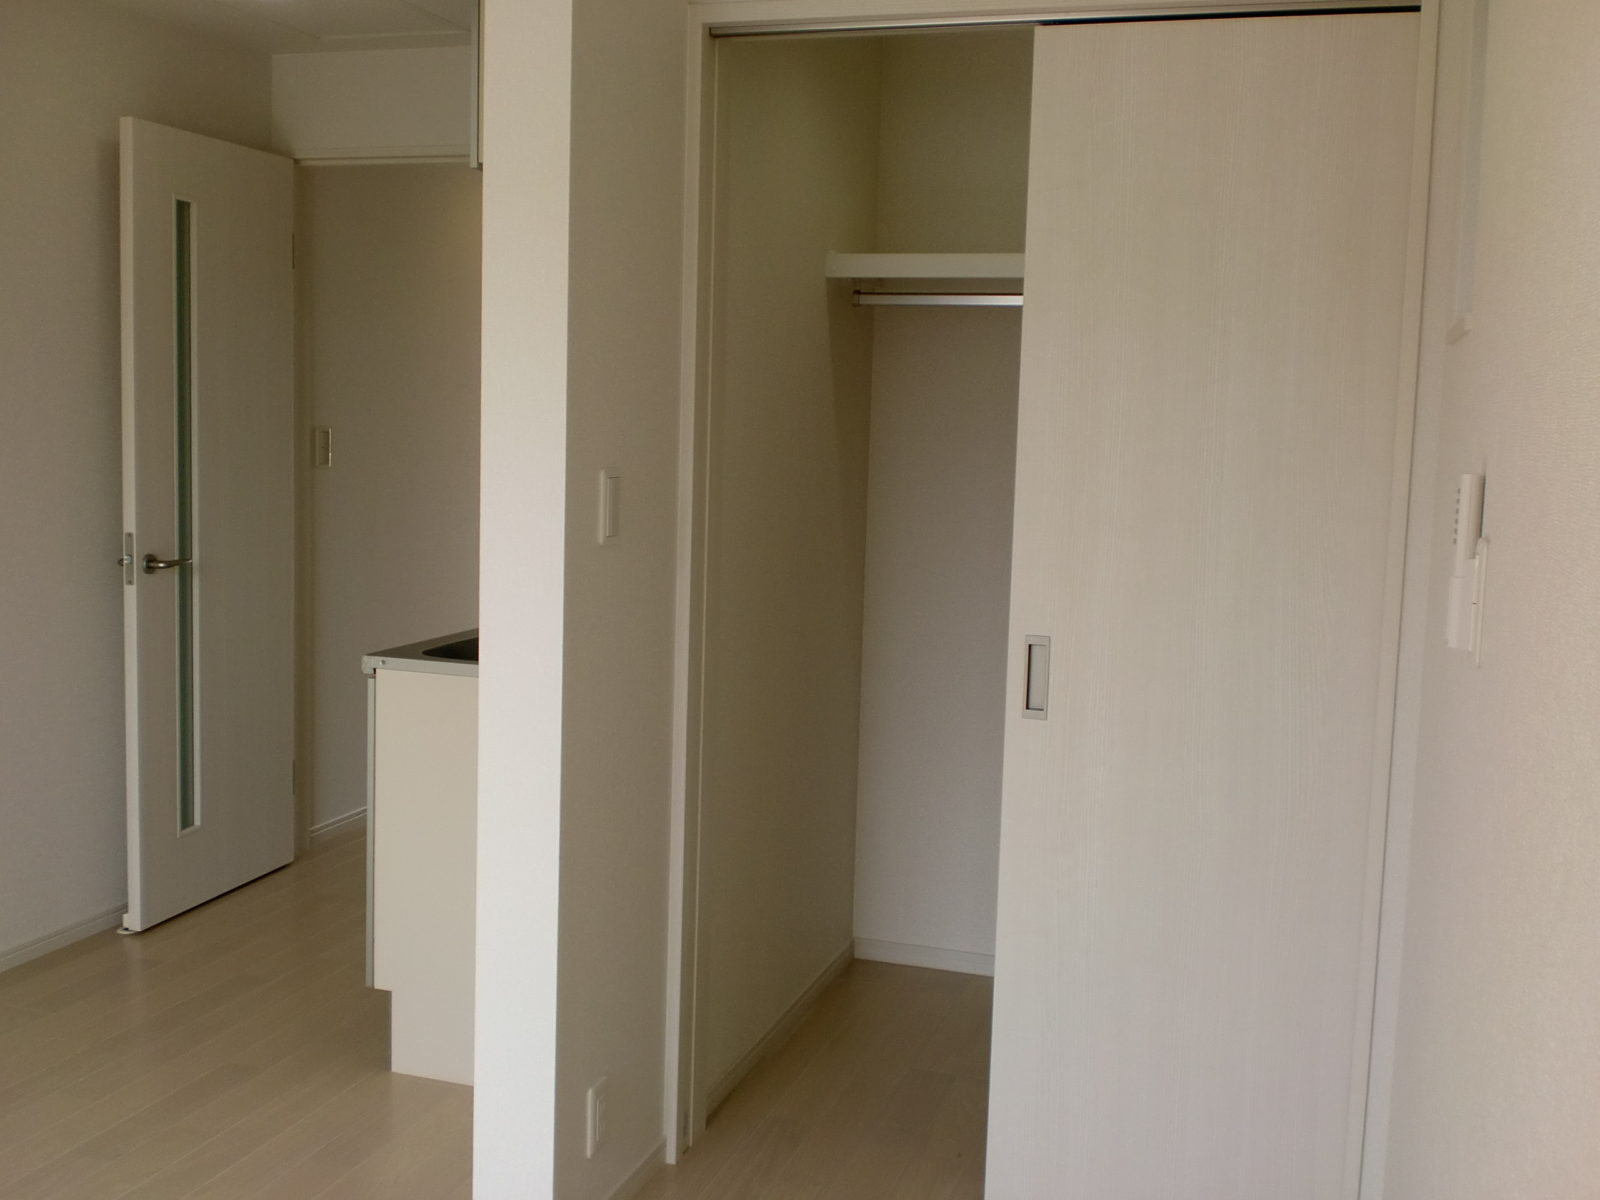 共同住宅:収納